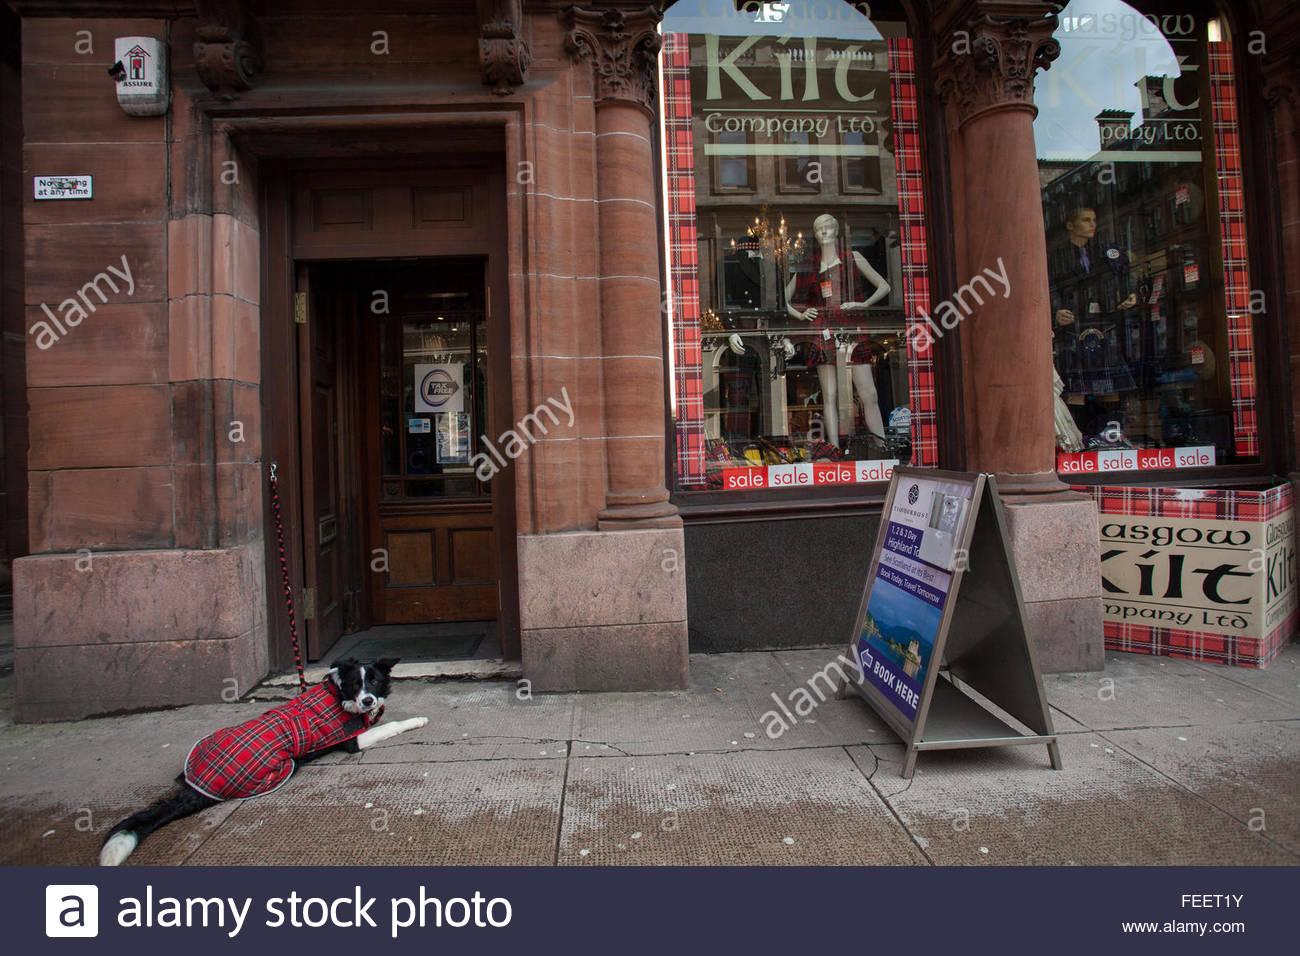 The Kilt Company Stock Photos & The Kilt Company Stock